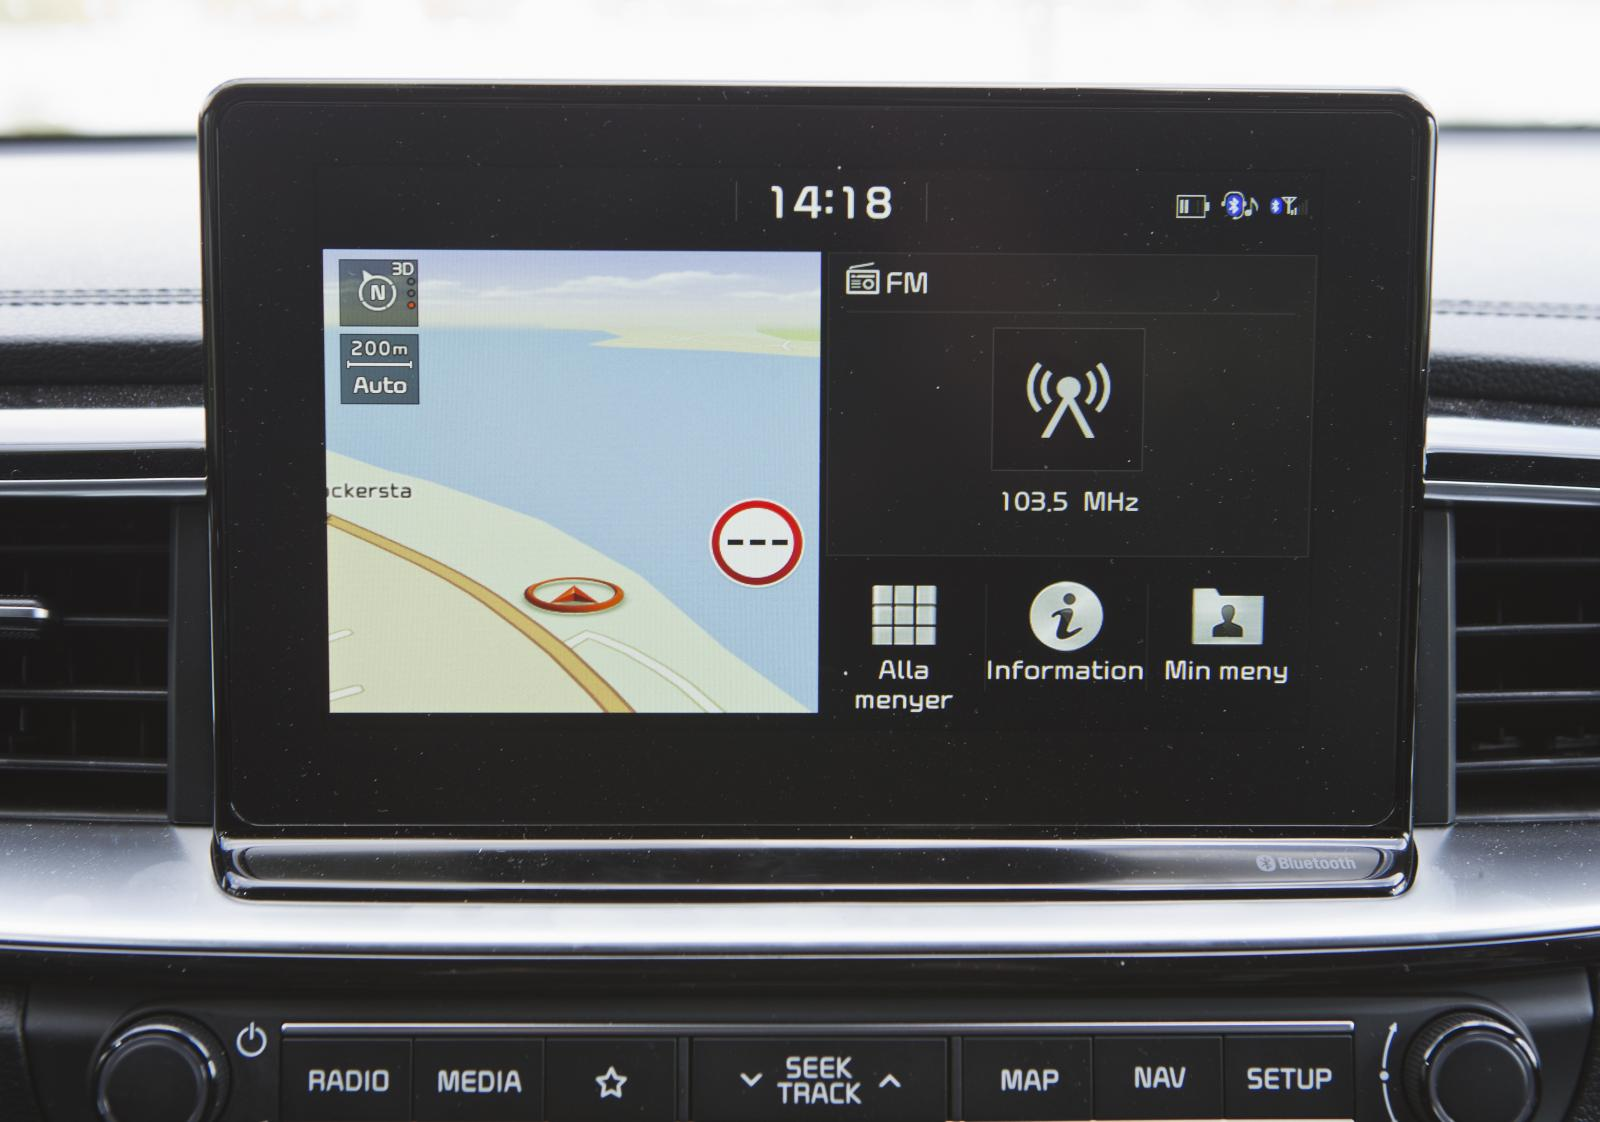 Kia: Har (förstås) samma system som Hyundai, men inställningsvreden återfinns ett stycke ned på panelen. Snabb bluetoothkoppling i både i30 och Ceed.